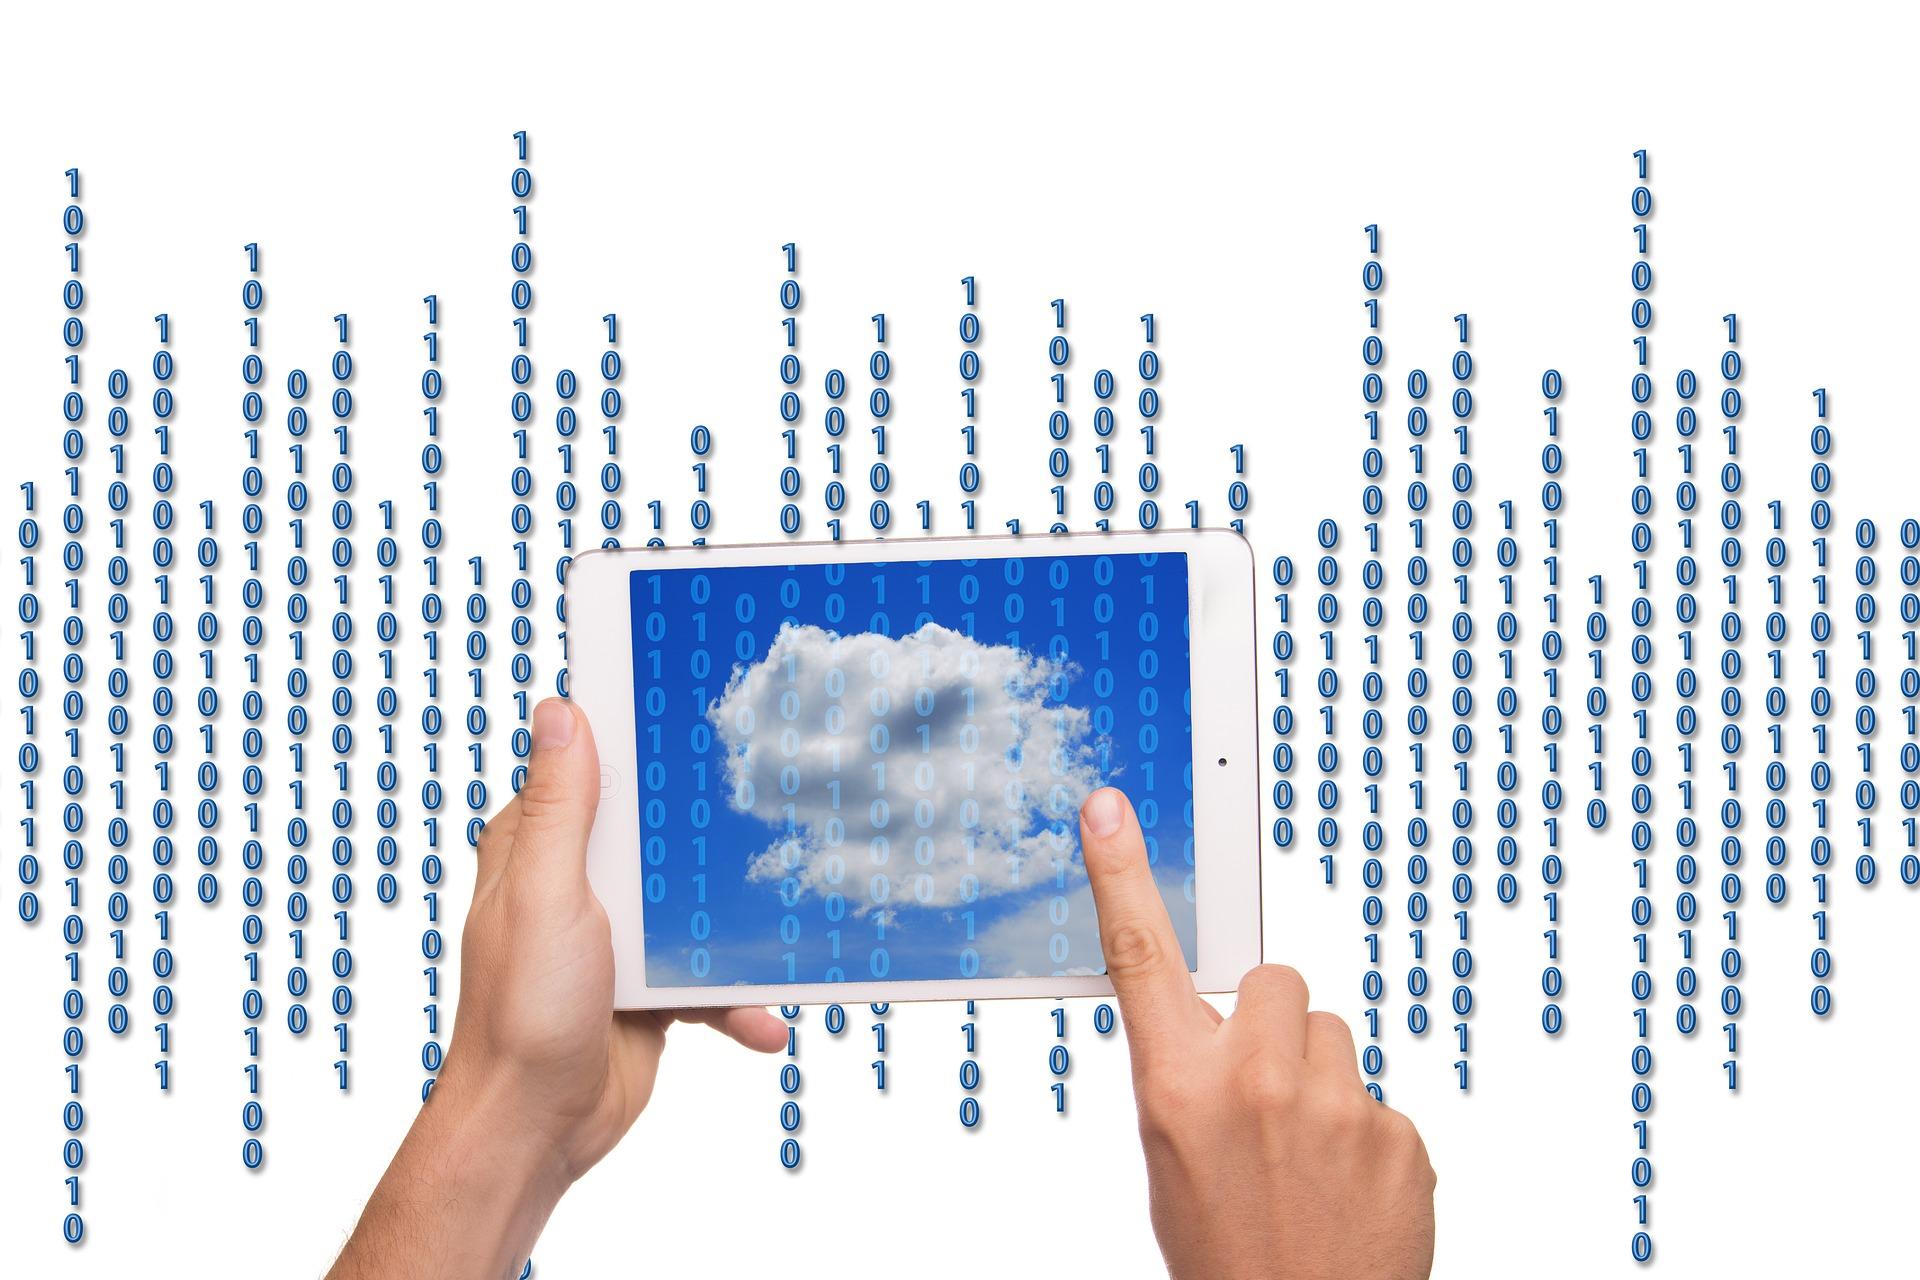 חברות שמספקות שירותי מחשוב ענן